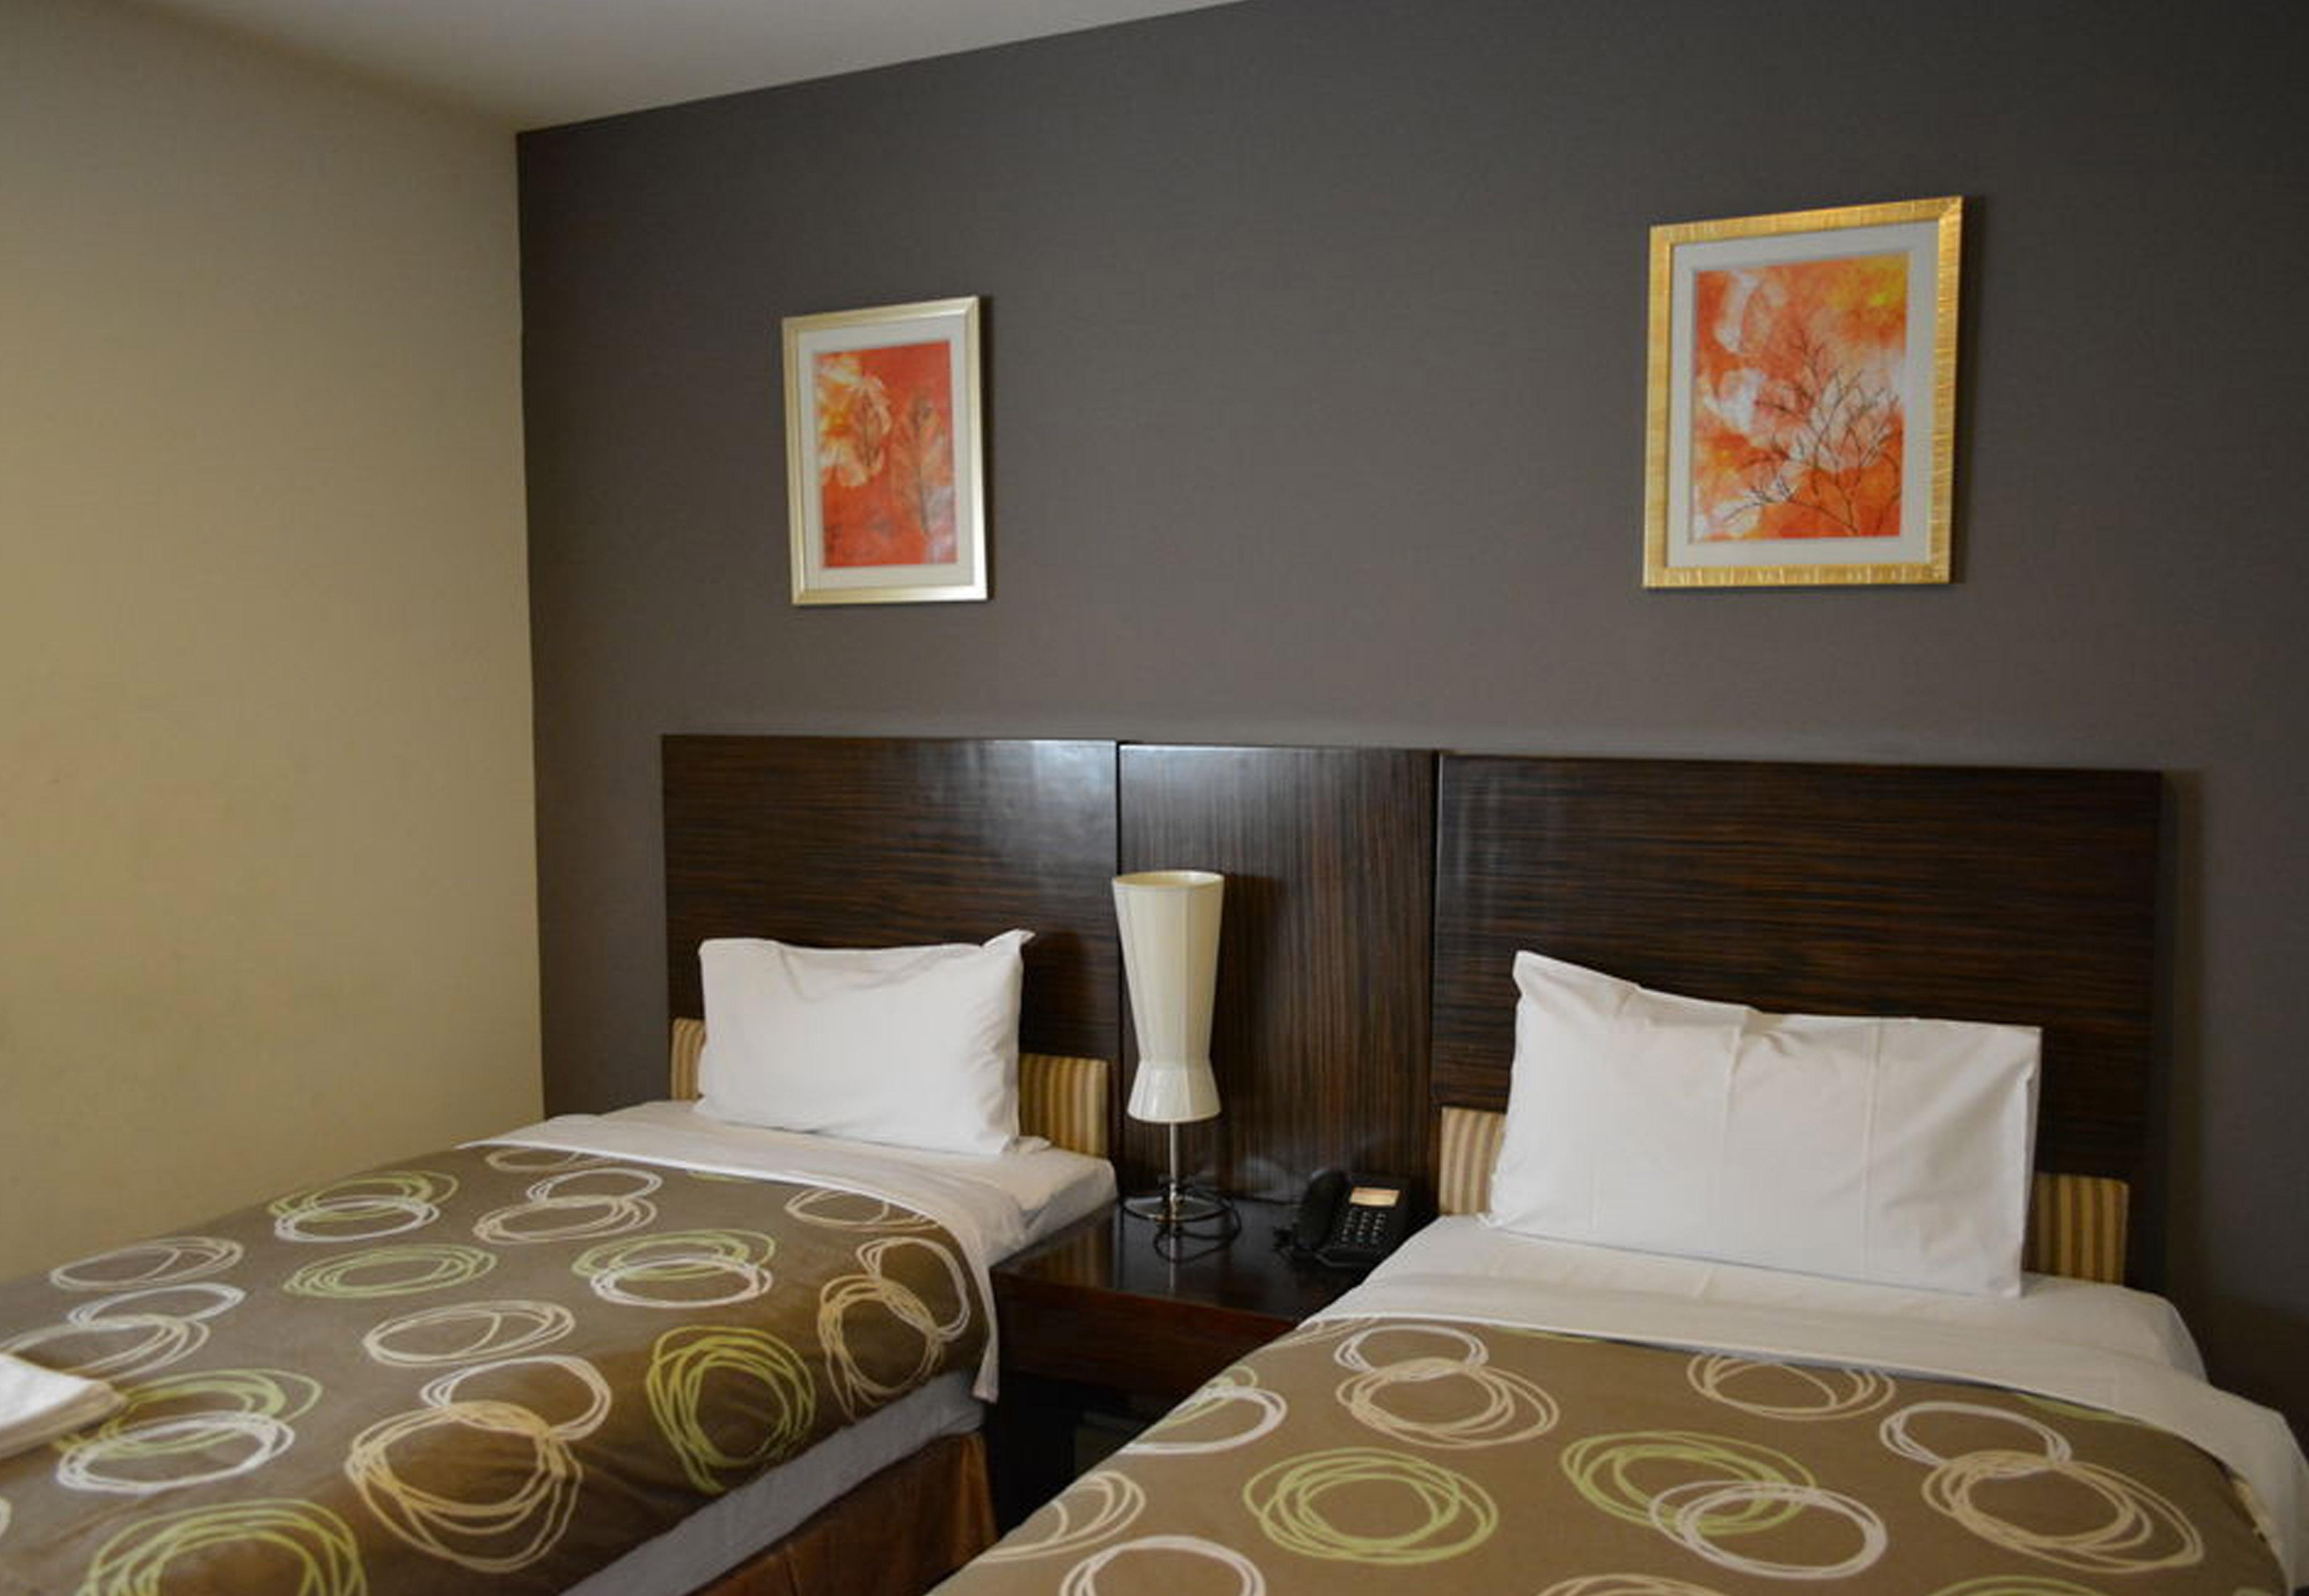 City garden hotel melbourne vic 3000 home decorations idea for Home decorations melbourne